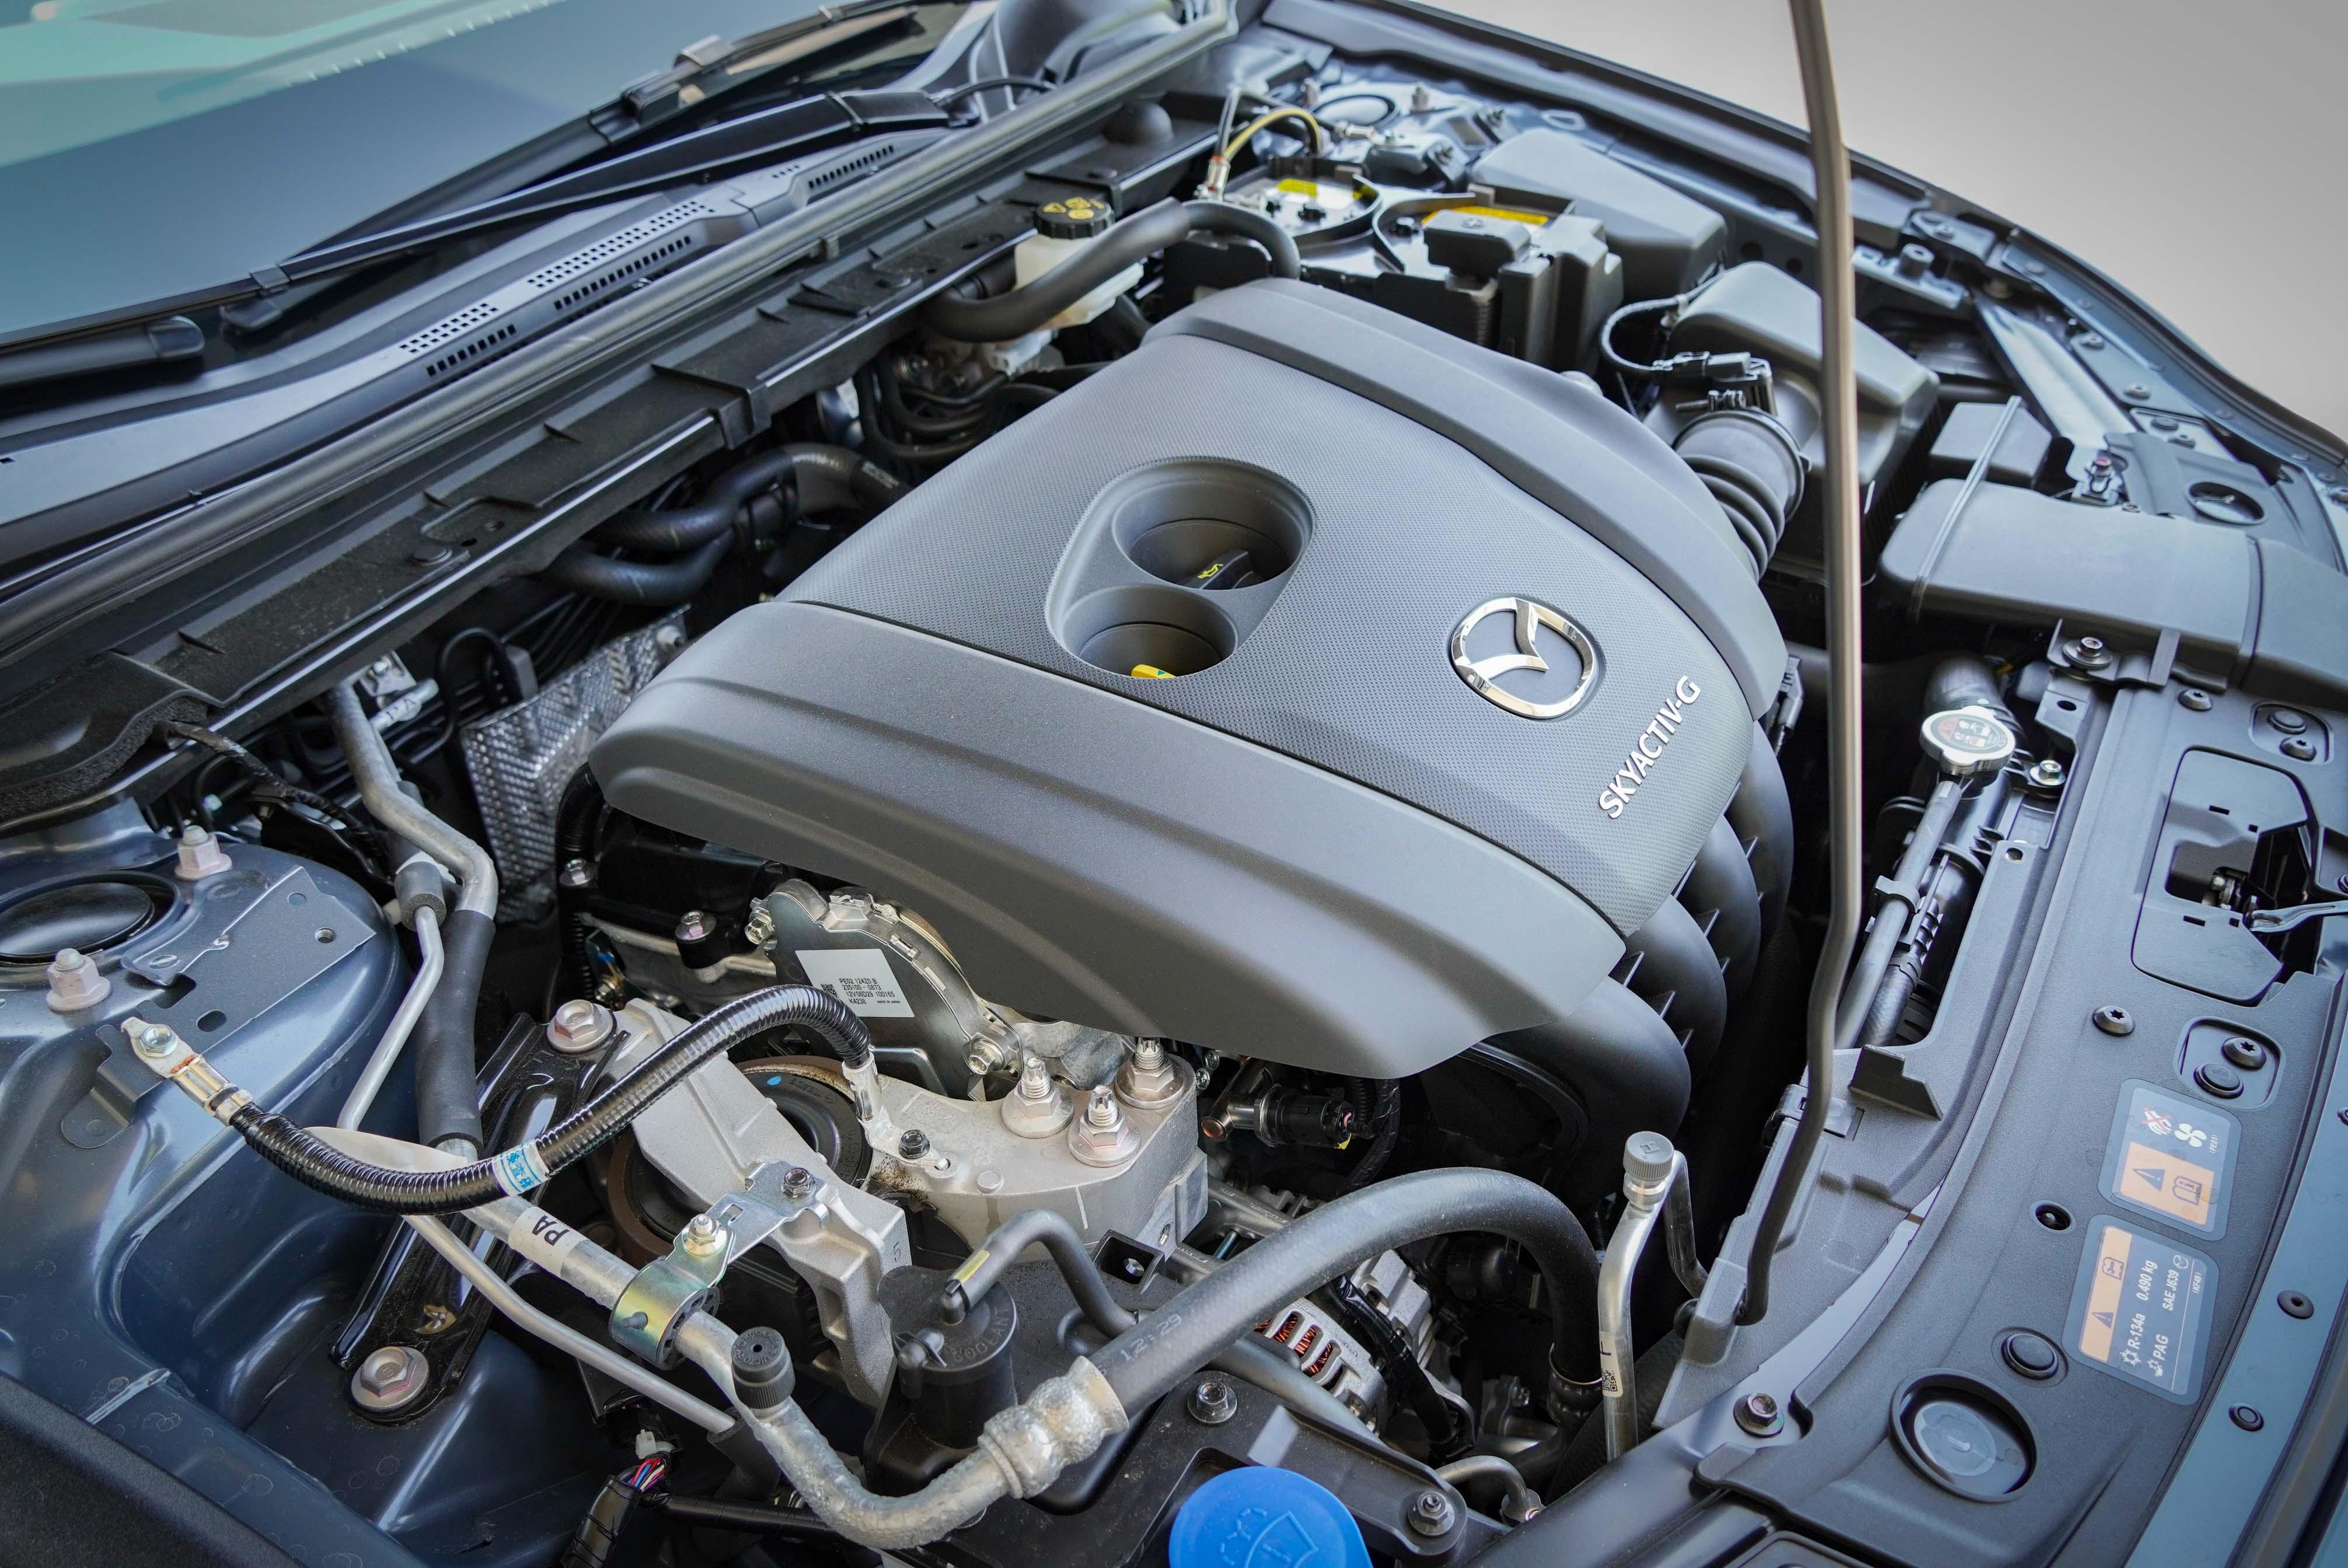 2.0 升 Skyactiv-G 四缸自然進氣引擎輸出為 165 匹馬力與 21.7 公斤米扭力。